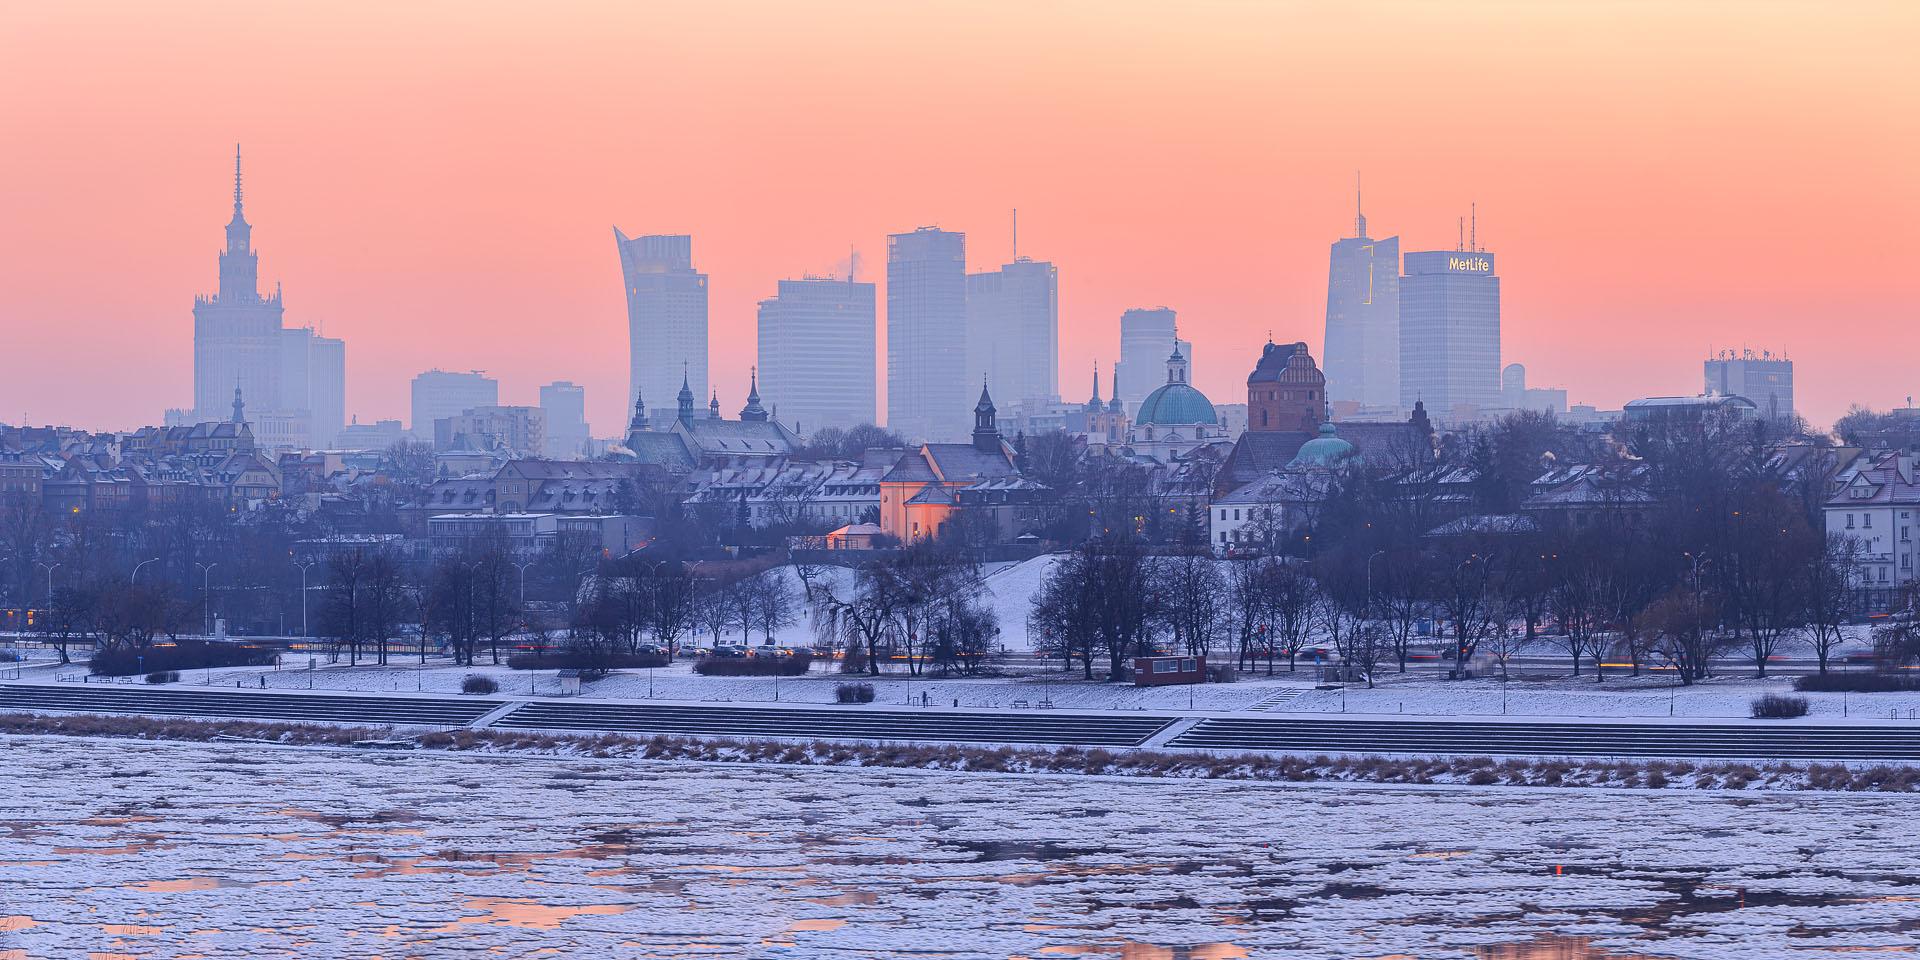 Zachód słońca z mostu gdańskiego. Iso 100; 205 mm; f/7,1; 1/4s panorama z 5 pionowych kadrów.